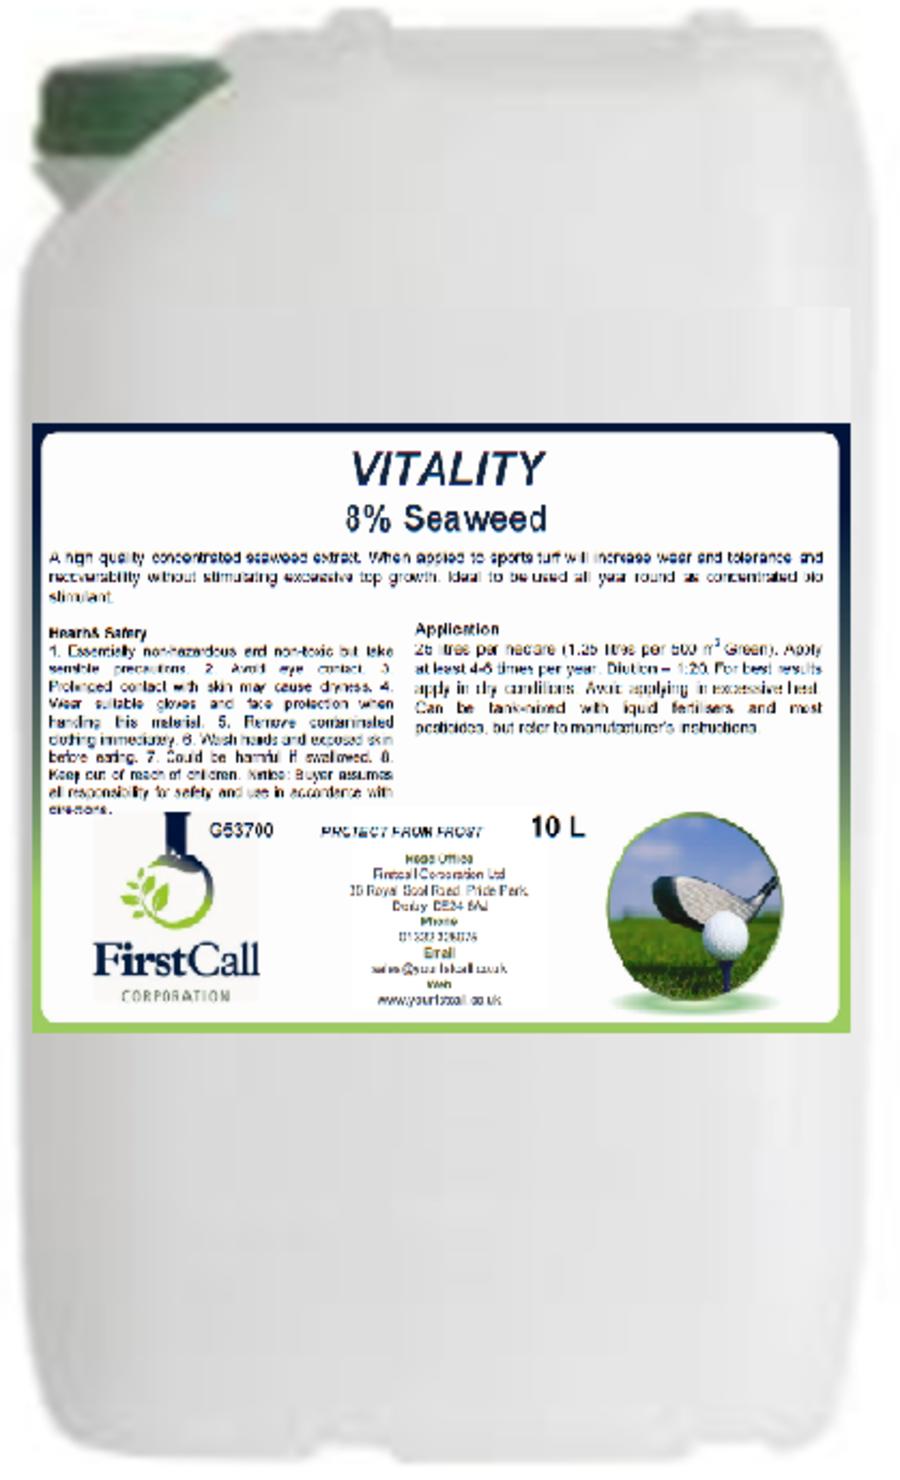 Vitality 8% Seaweed